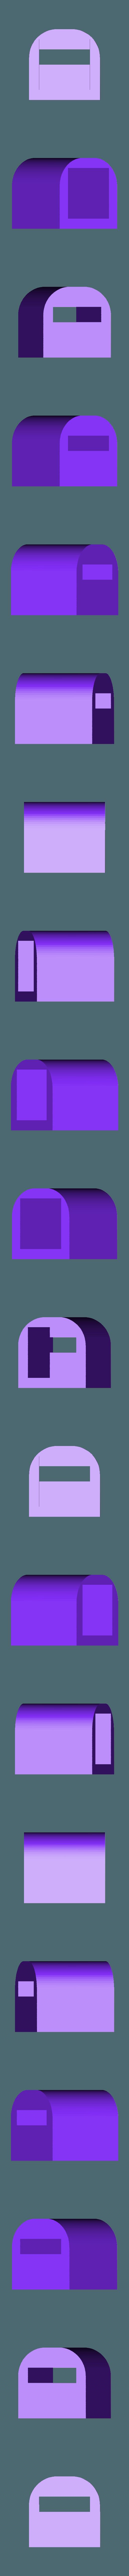 mailbox_BASE.stl Télécharger fichier STL gratuit Boîte aux lettres • Objet pour impression 3D, missionpie